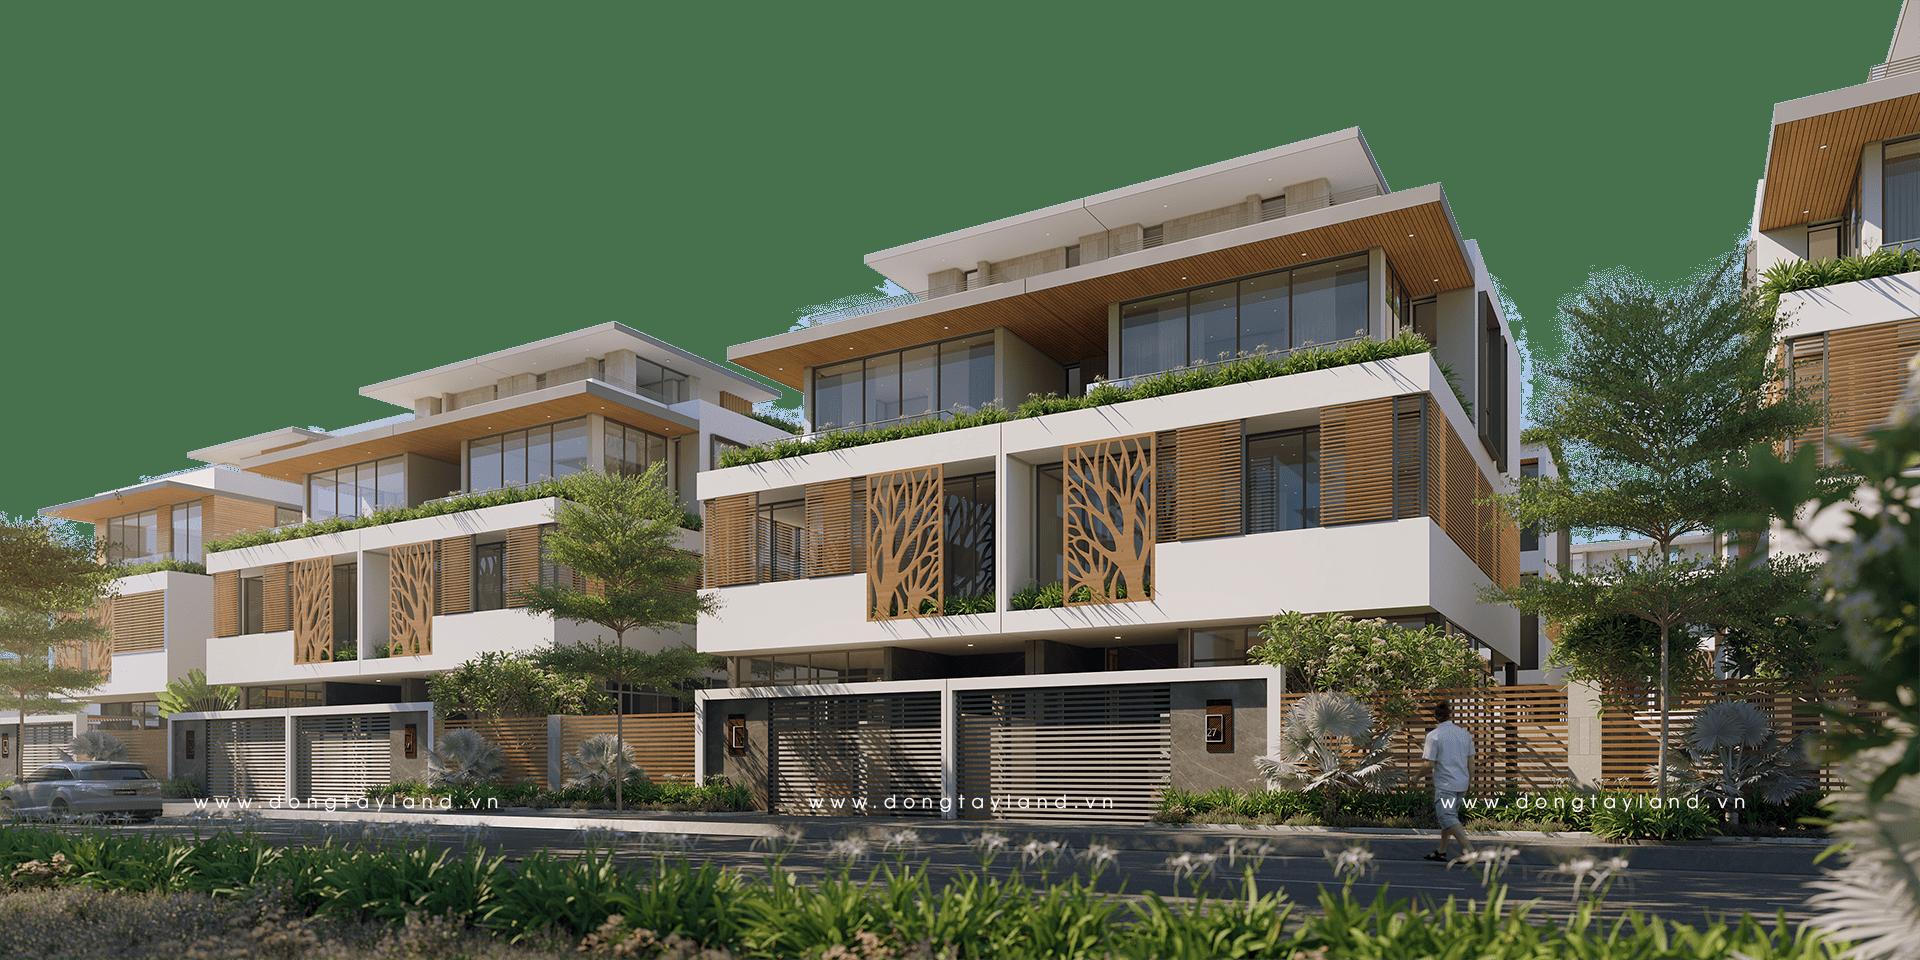 Biệt thự Coral Hawaii Meyhomes Capital Phú Quốc